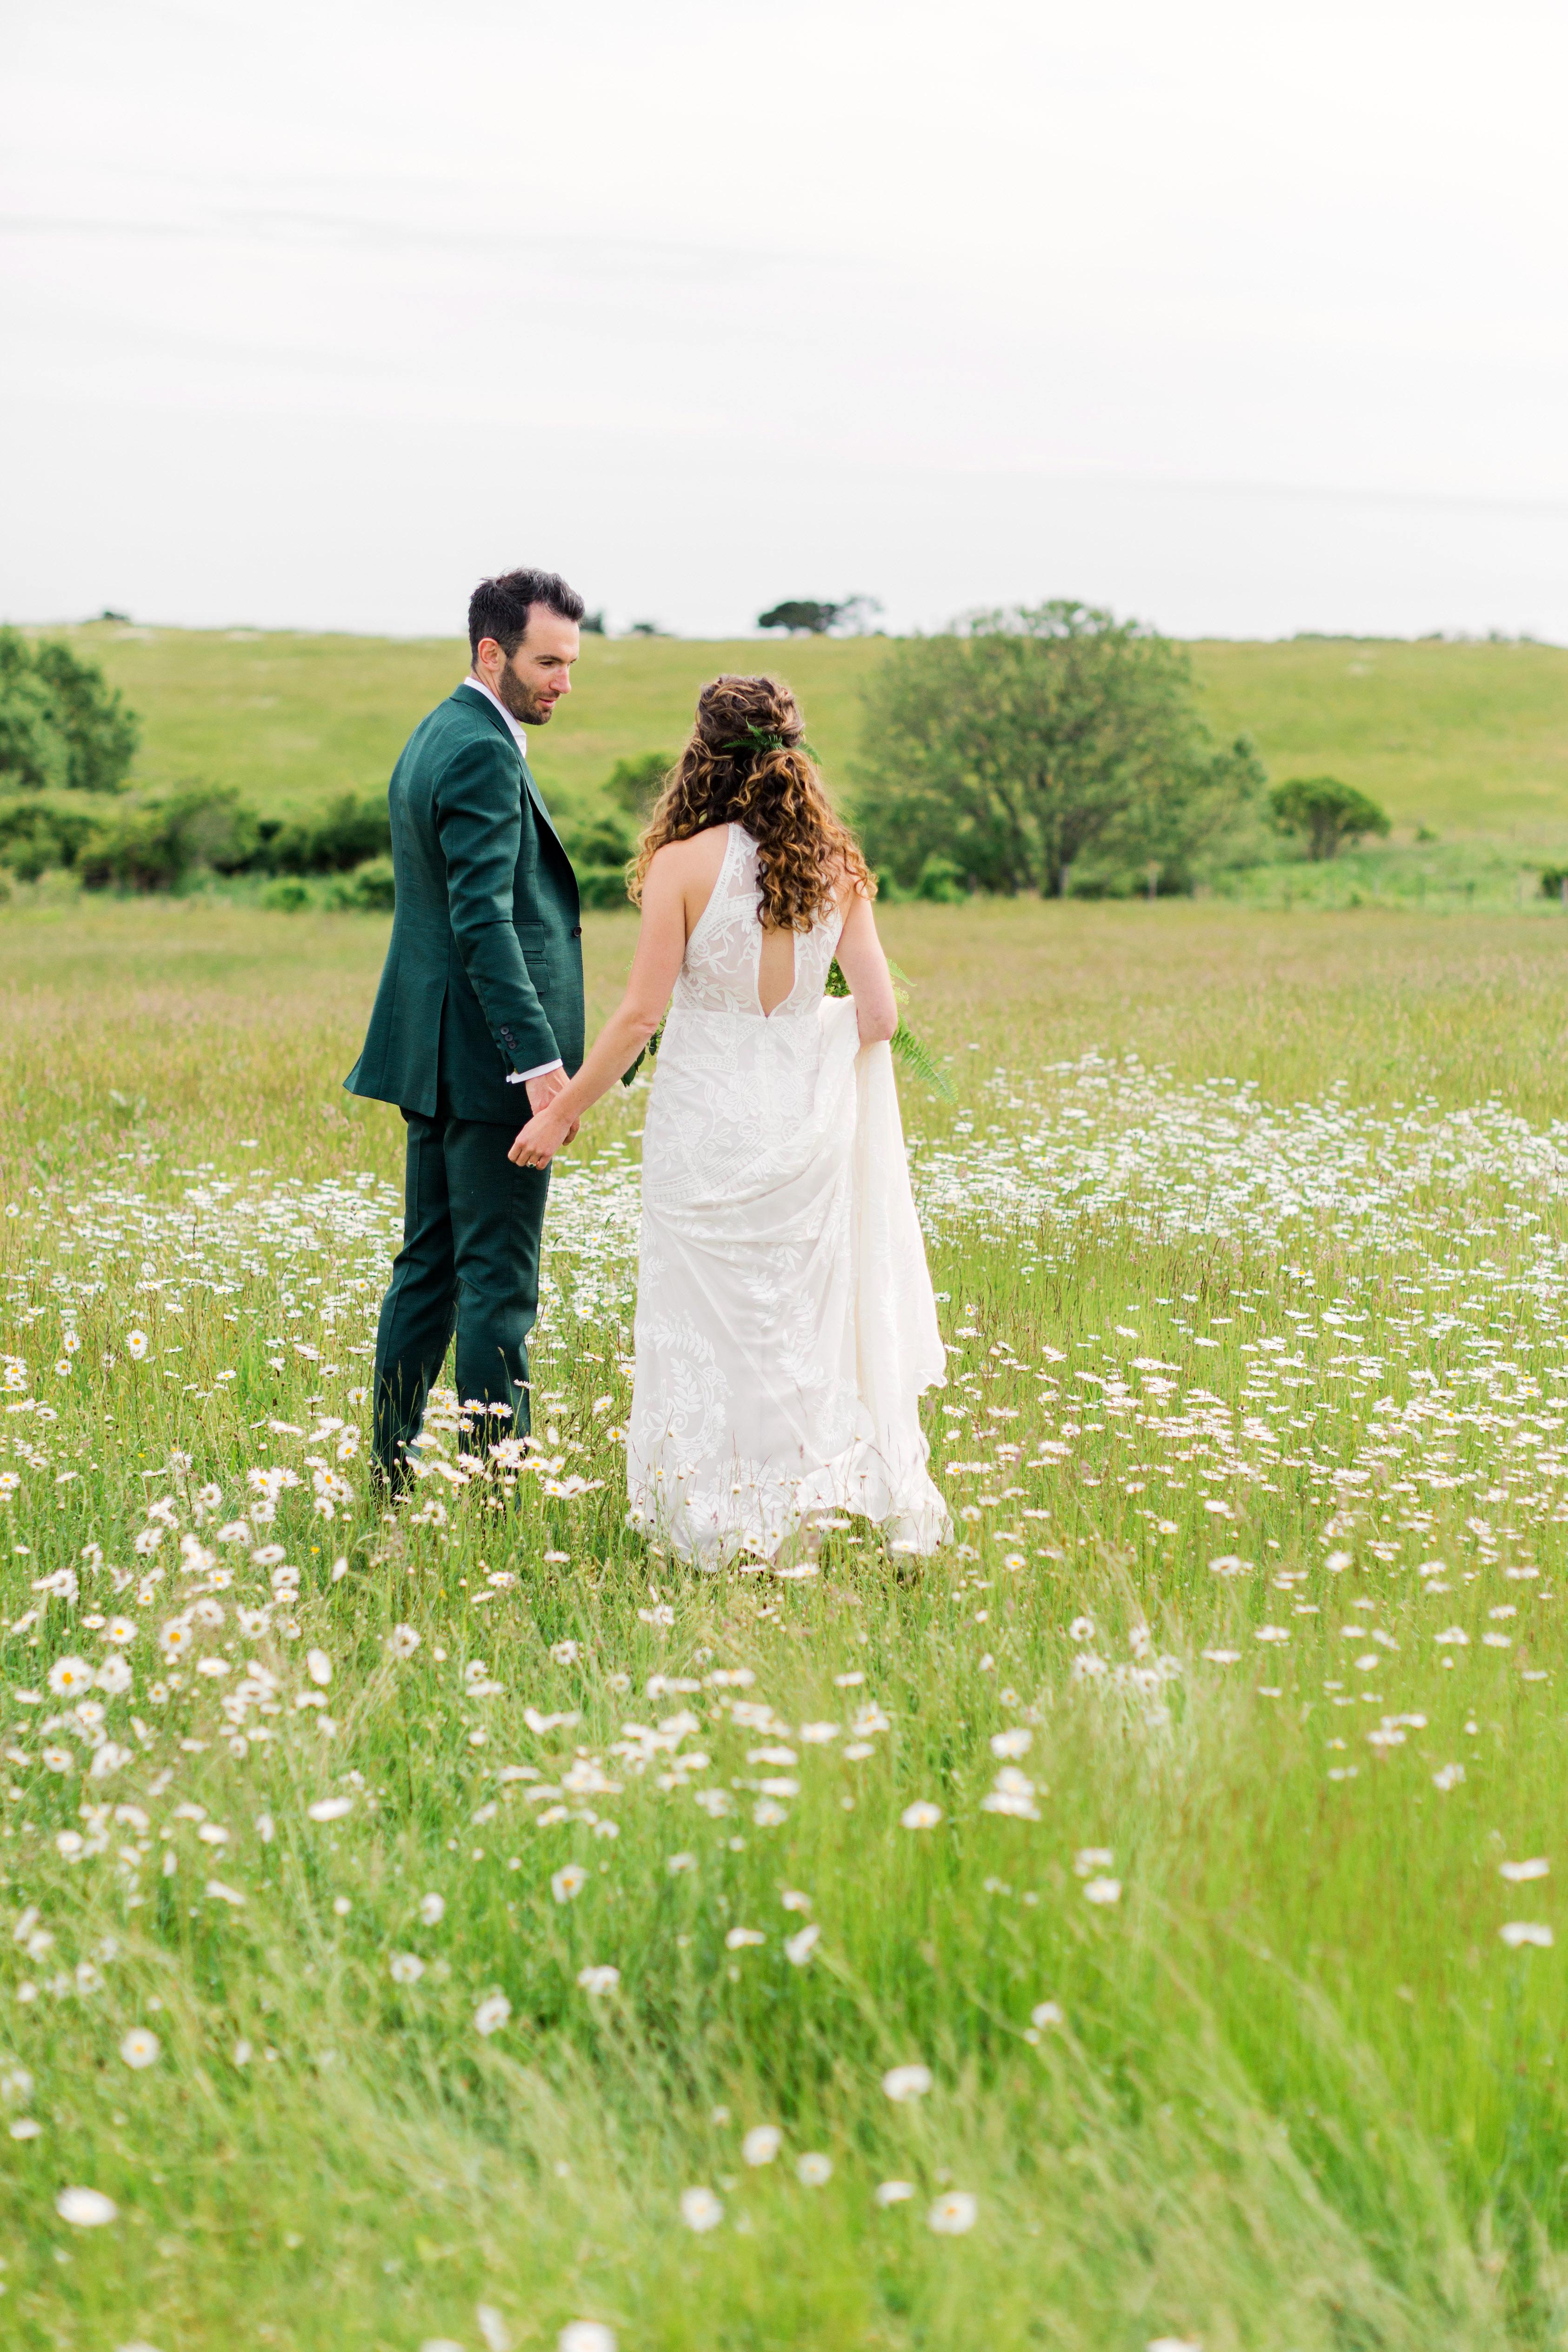 molly ed wedding couple bride groom in field